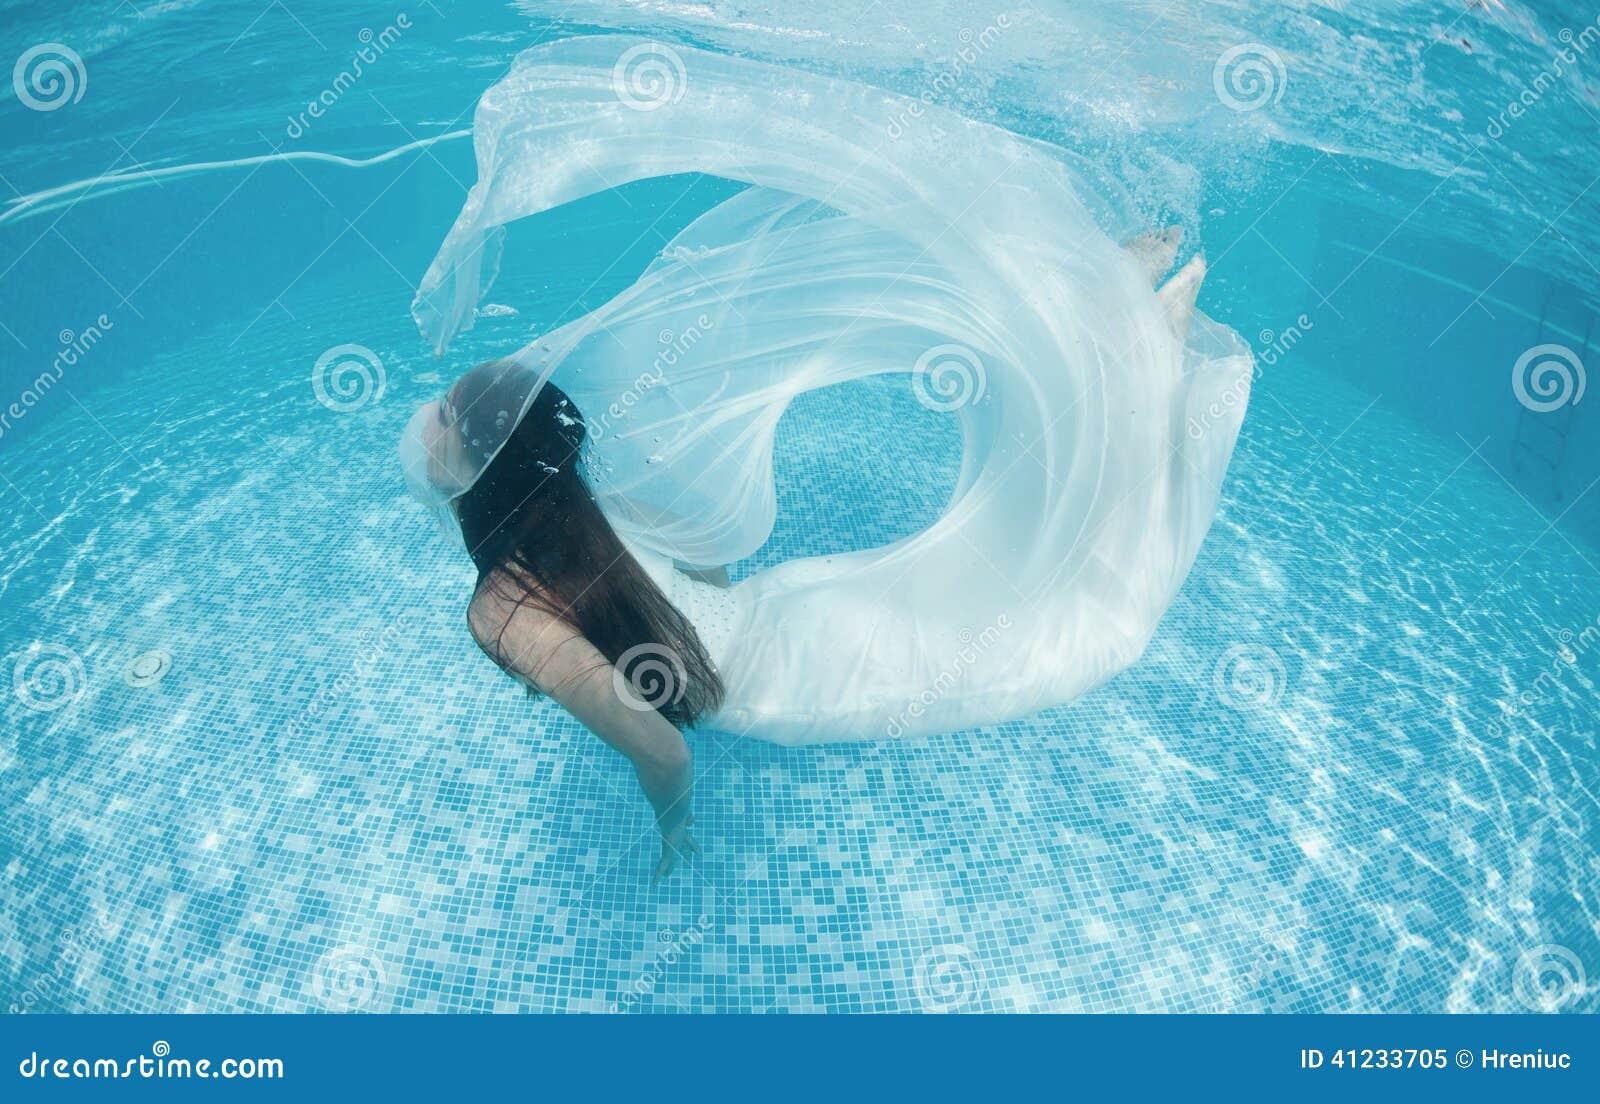 Piscine bleue de jour ensoleillé de beau de femme de fille de robe bain sous-marin blanc de plongée